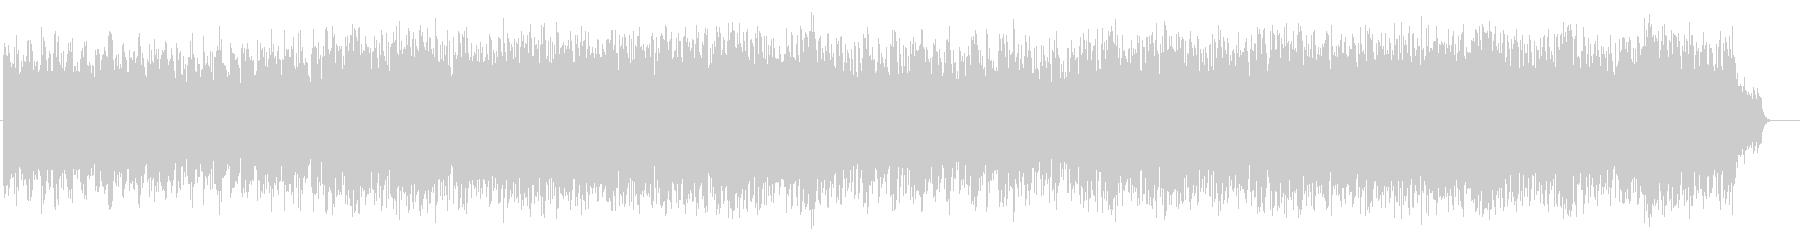 アコースティック風BGM(フルサイズ)の未再生の波形